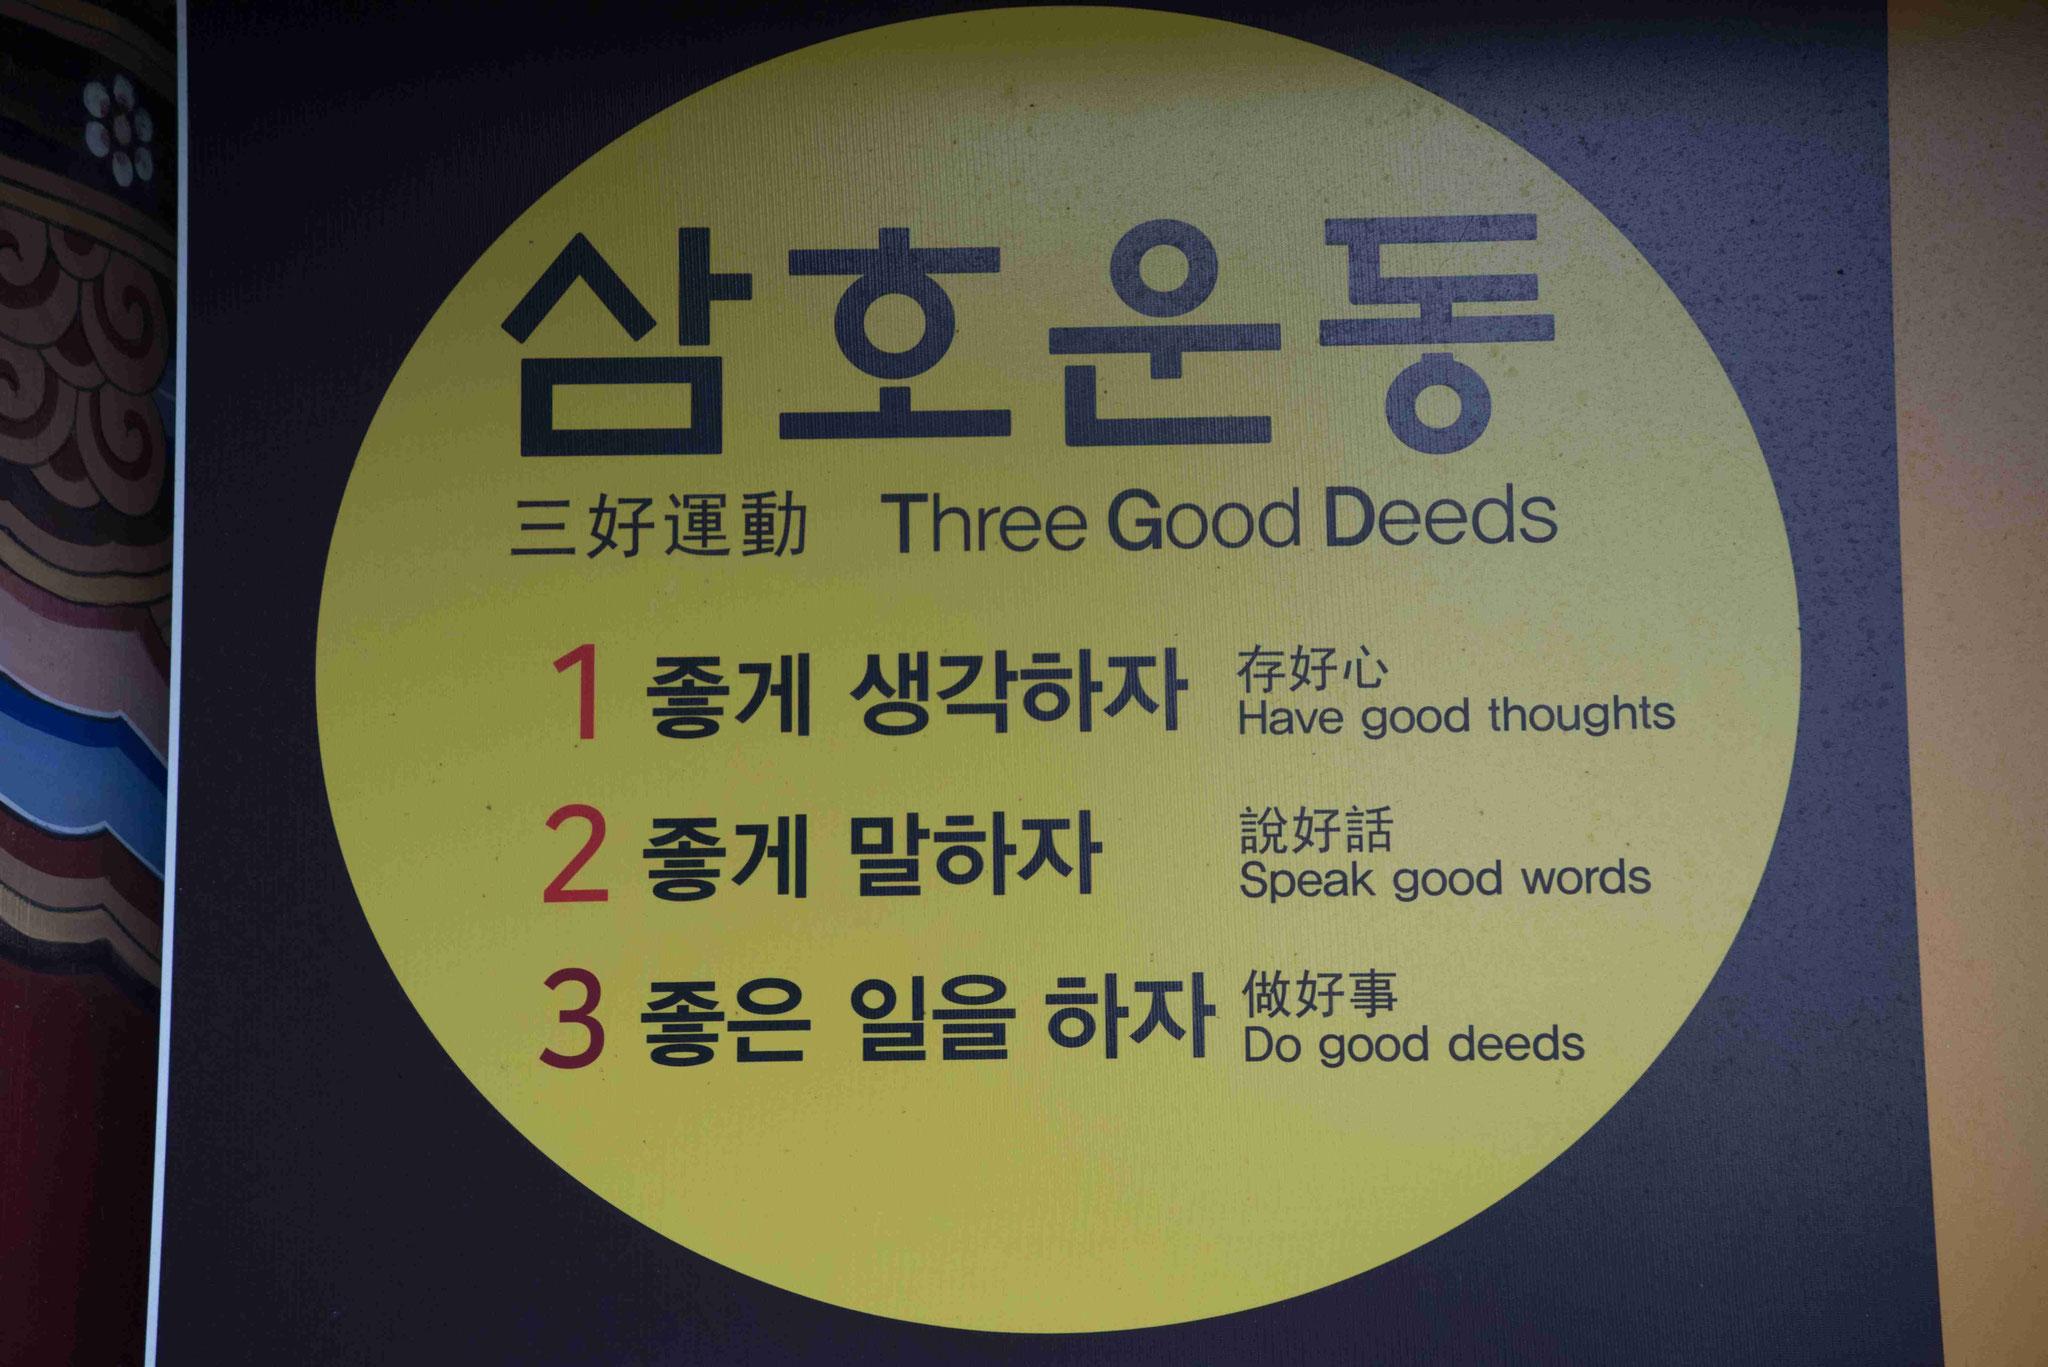 Die Aufgabe eines guten Buddisten